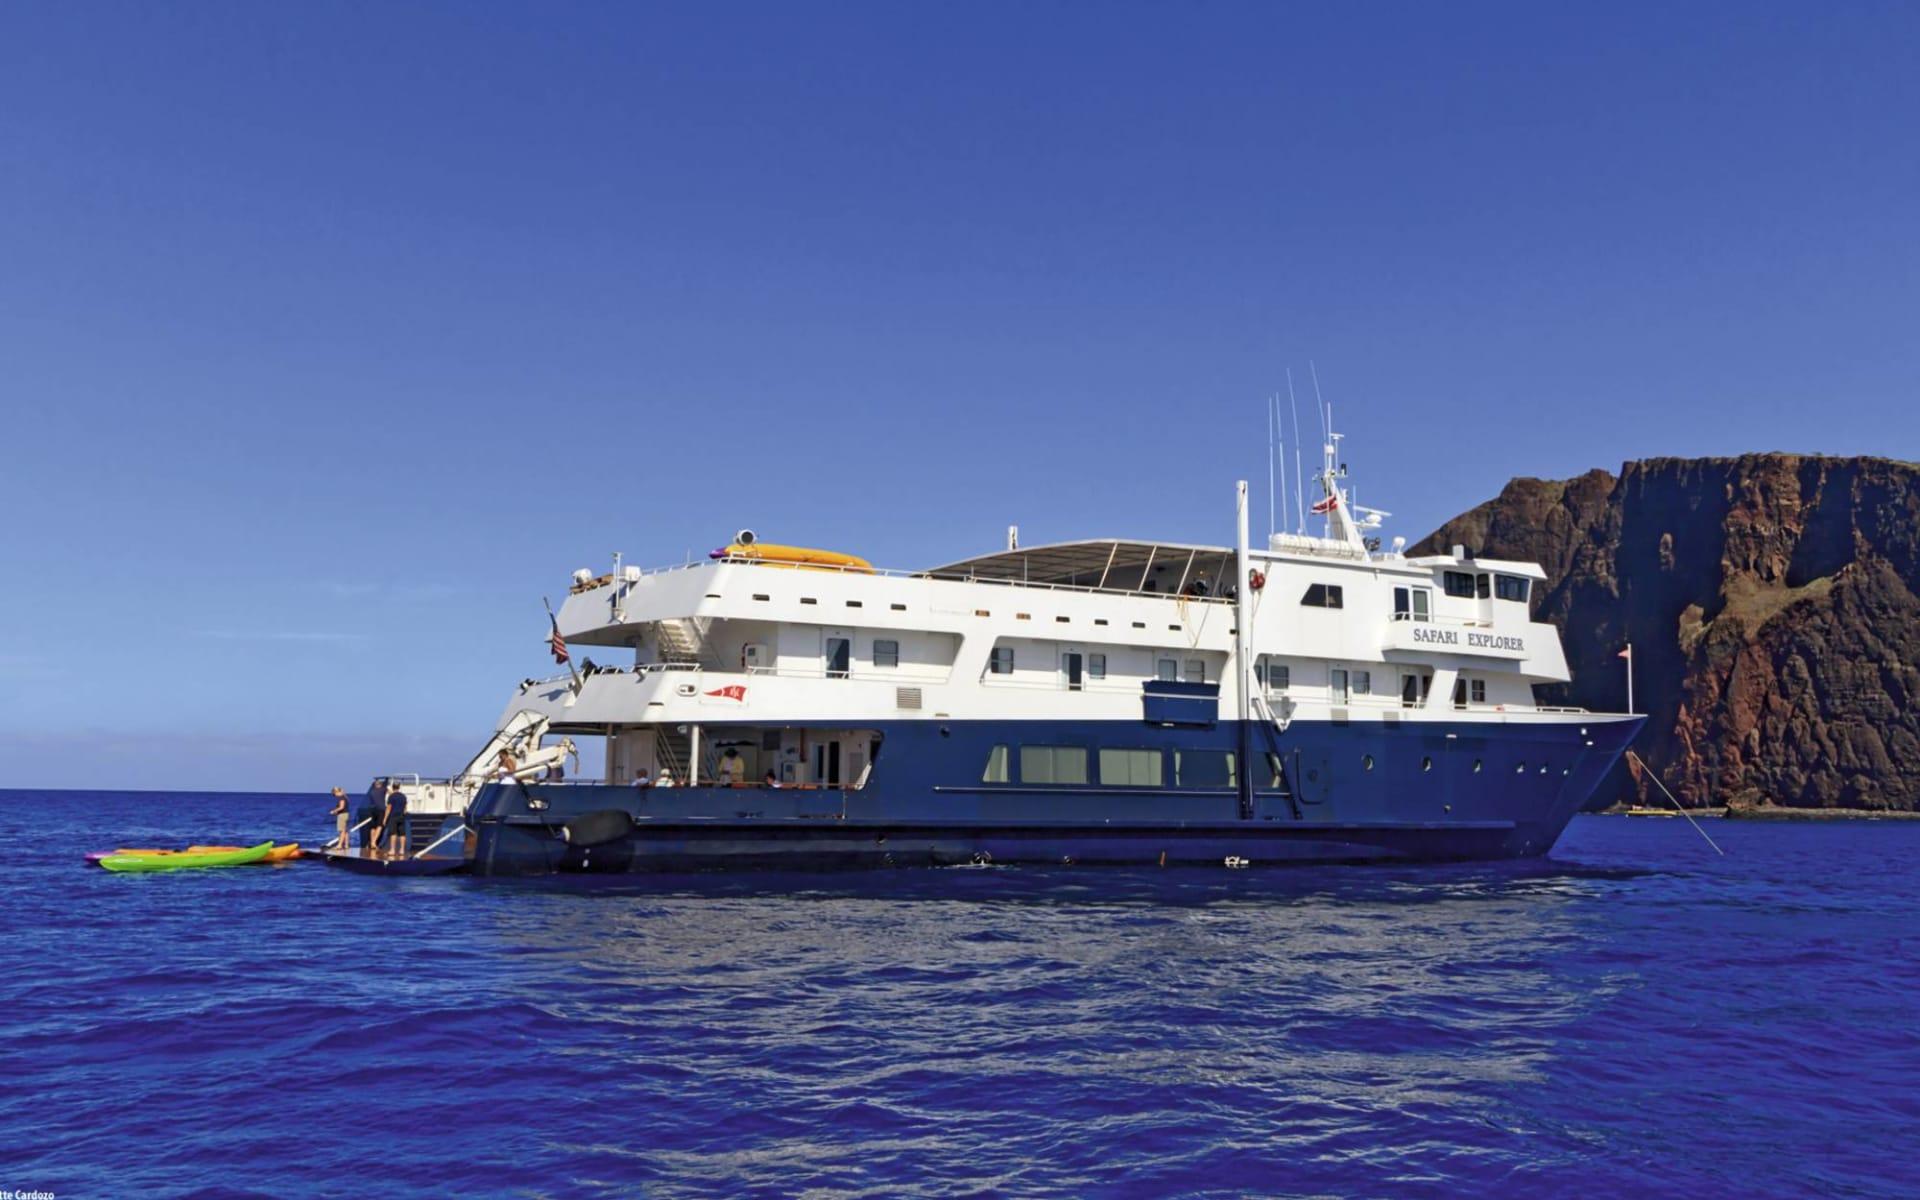 Yacht-Kreuzfahrten mit Un-Cruise Adventures ab Kaunakakai: USA - Hawaii - Safari Explorer